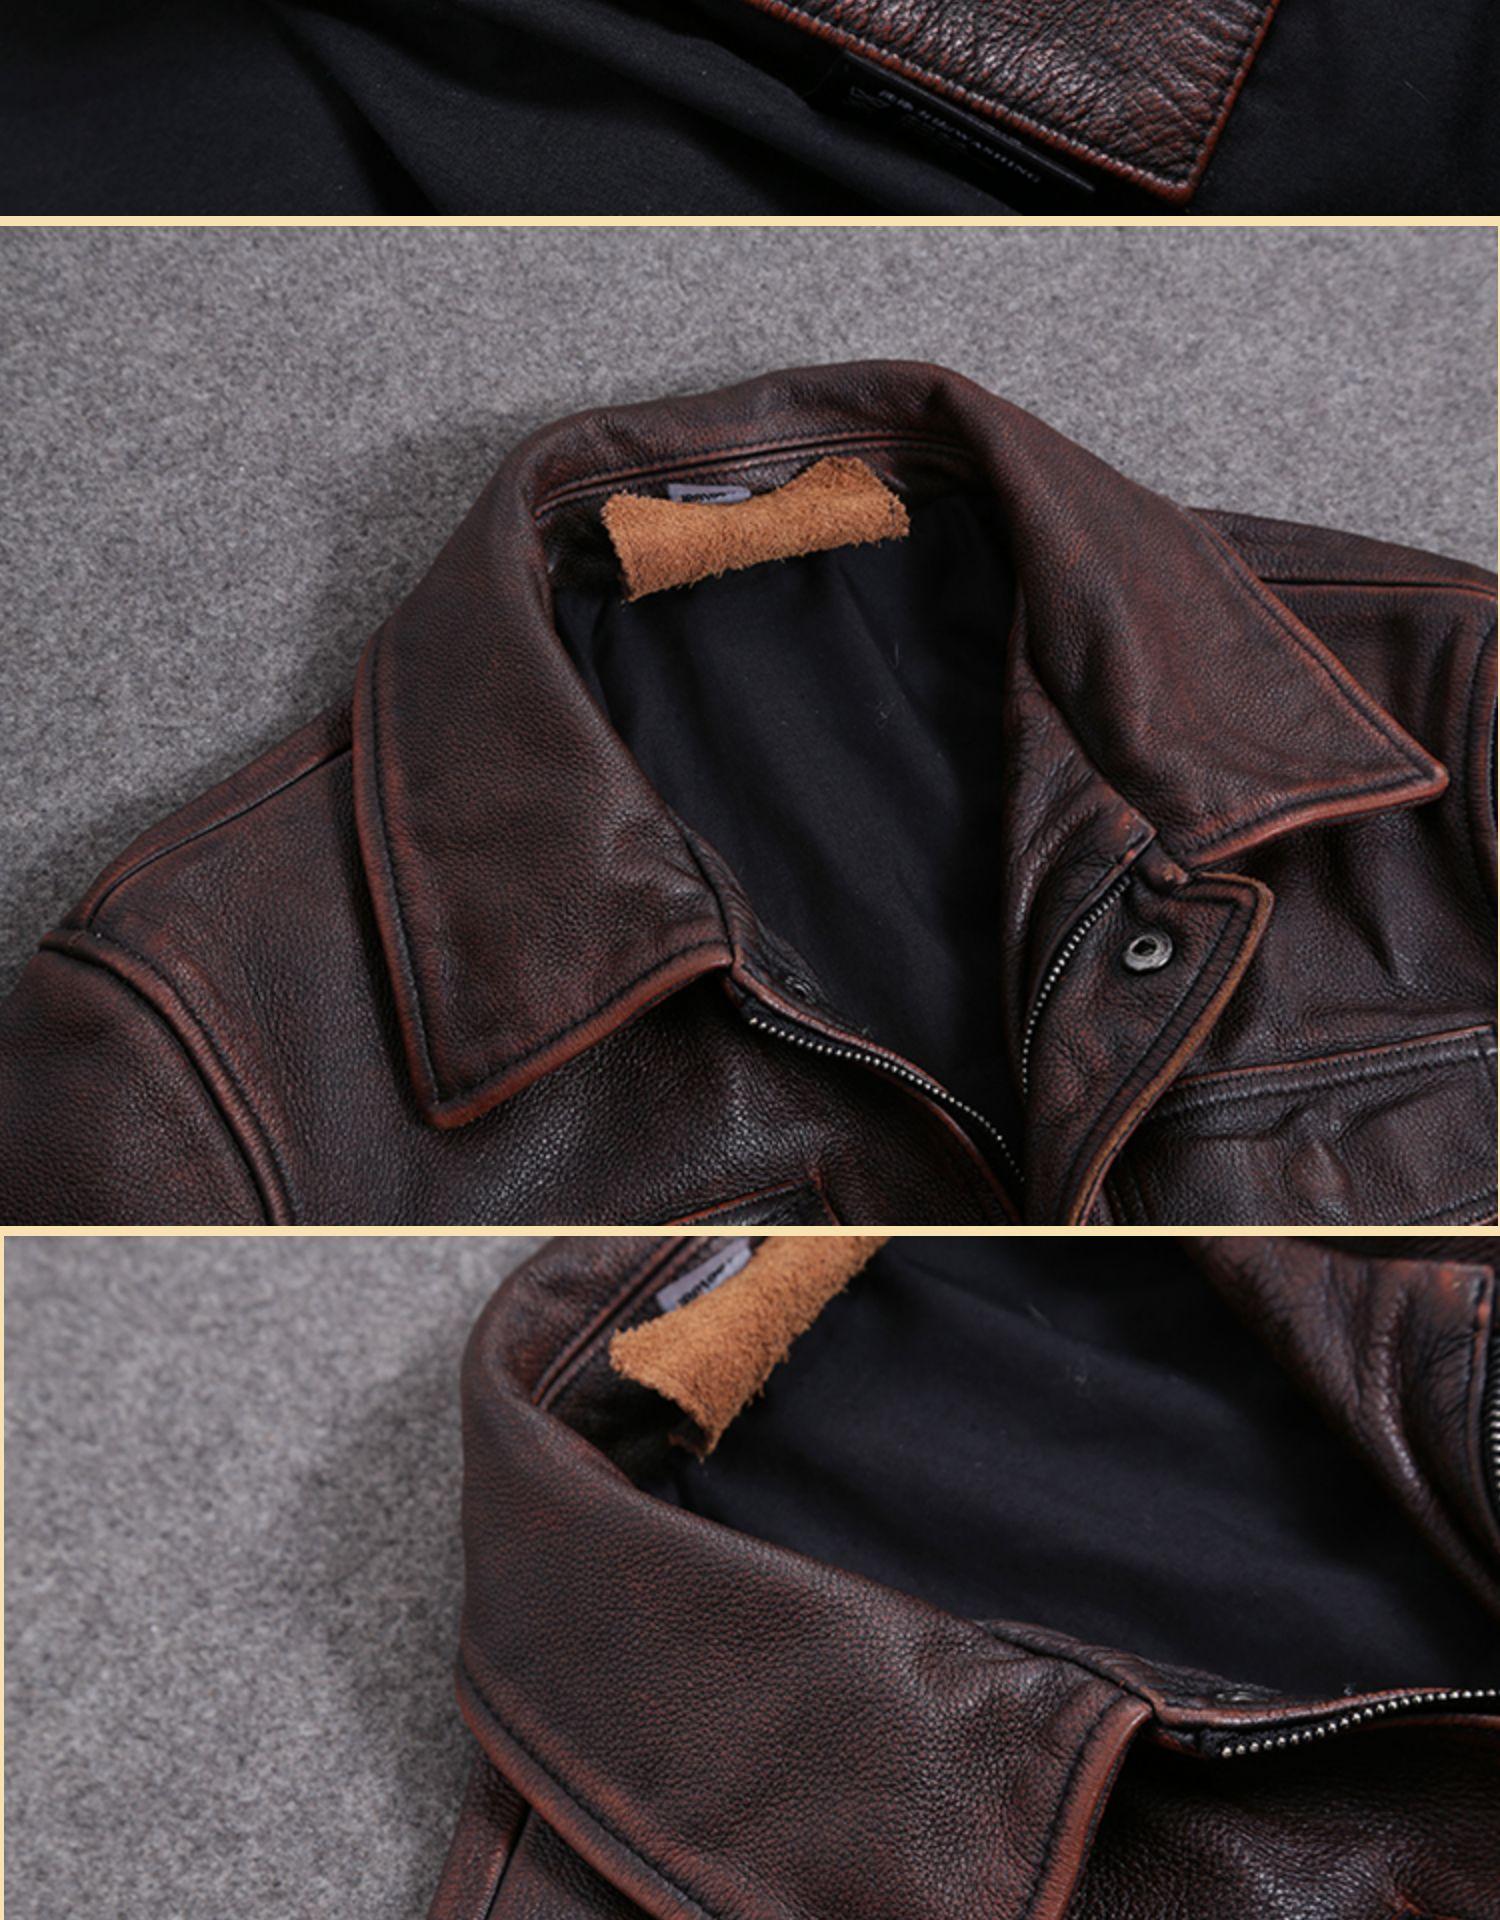 H44b3bfd6b6424f3b86f645da82b43a40E AYUNSUE Vintage Genuine Cow Leather Jacket Men Plus Size Cowhide Leather Coat Slim Short Jacket Veste Cuir Homme L-Z-14 YY1366